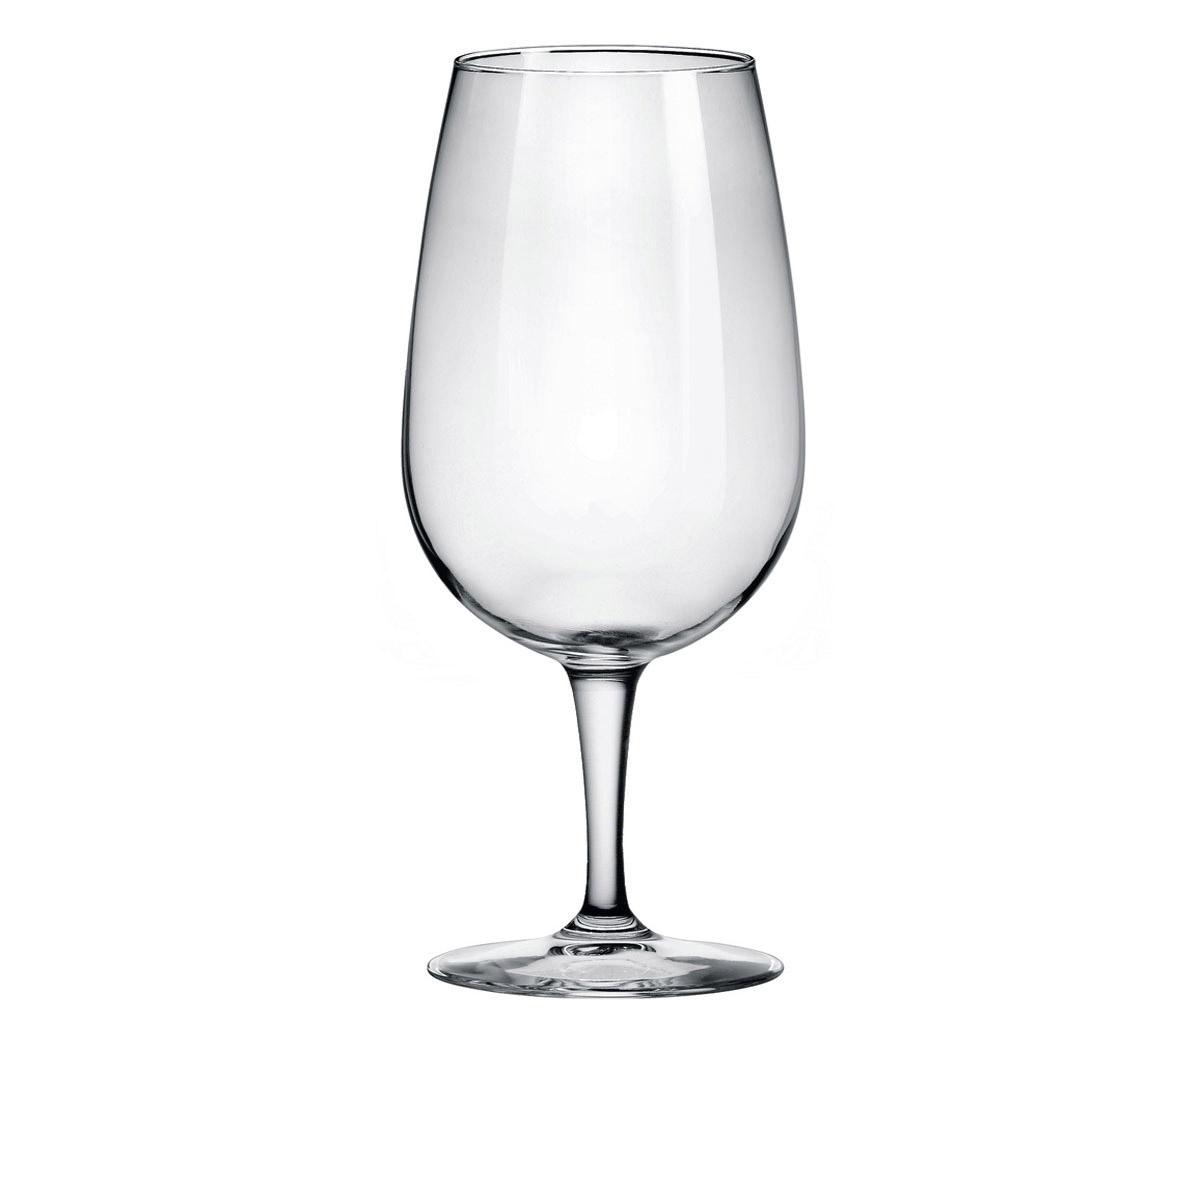 RISERVA - DEGUSTAZIONE - TASTER GLASS 21.3cl H151 W66mm